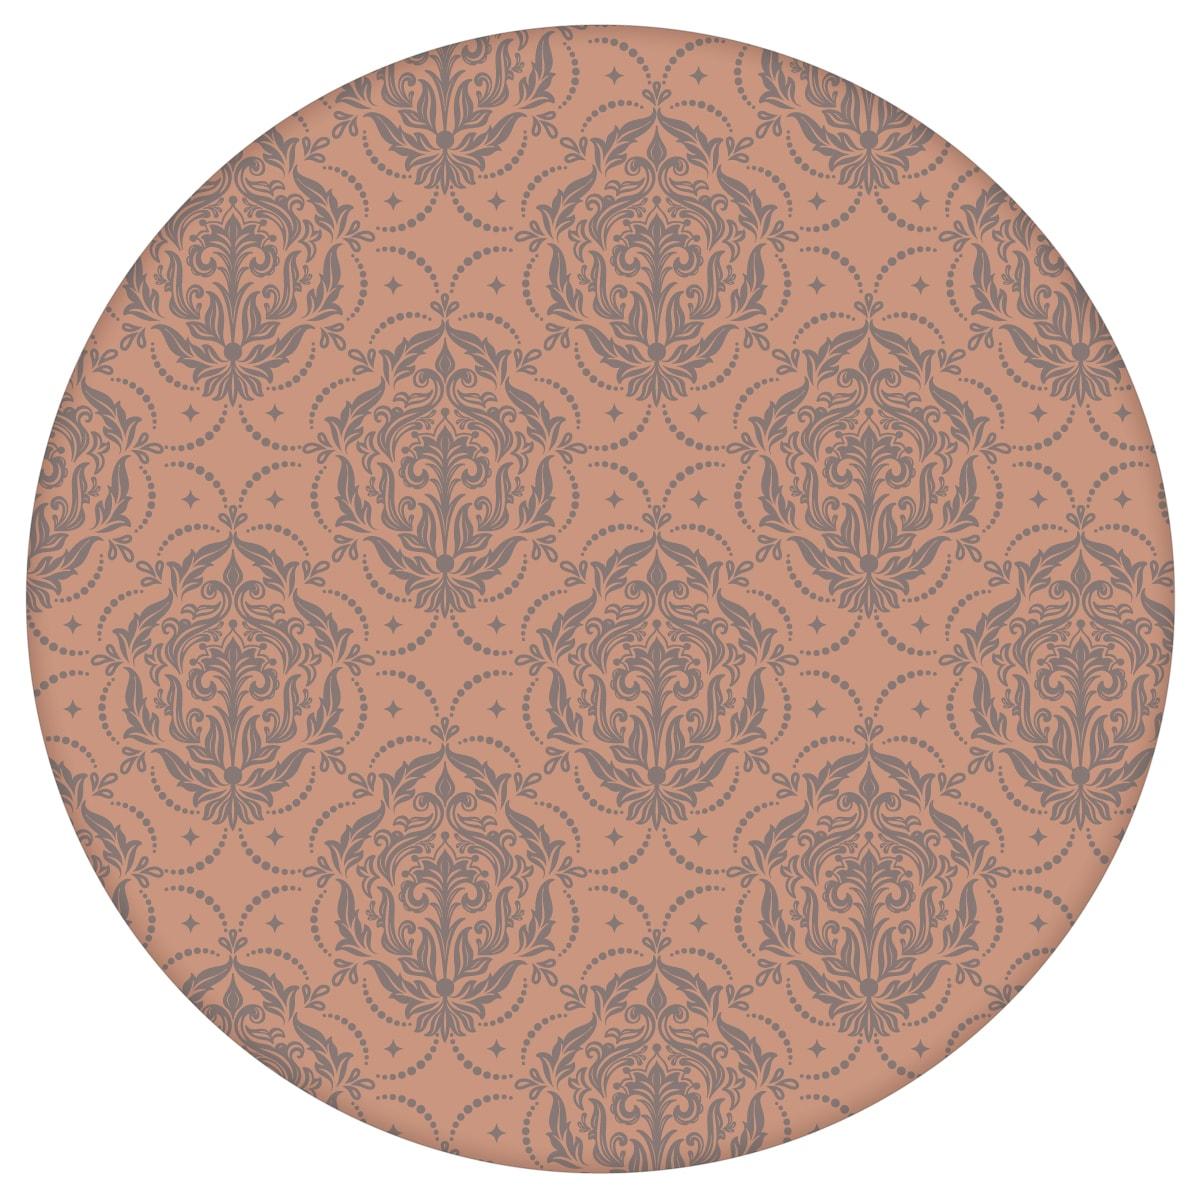 My Castle Ornamenttapete Damast Muster in braun - Design Tapete für Wohnzimmer aus den Tapeten Neuheiten Blumentapeten und Borten als Naturaltouch Luxus Vliestapete oder Basic Vliestapete